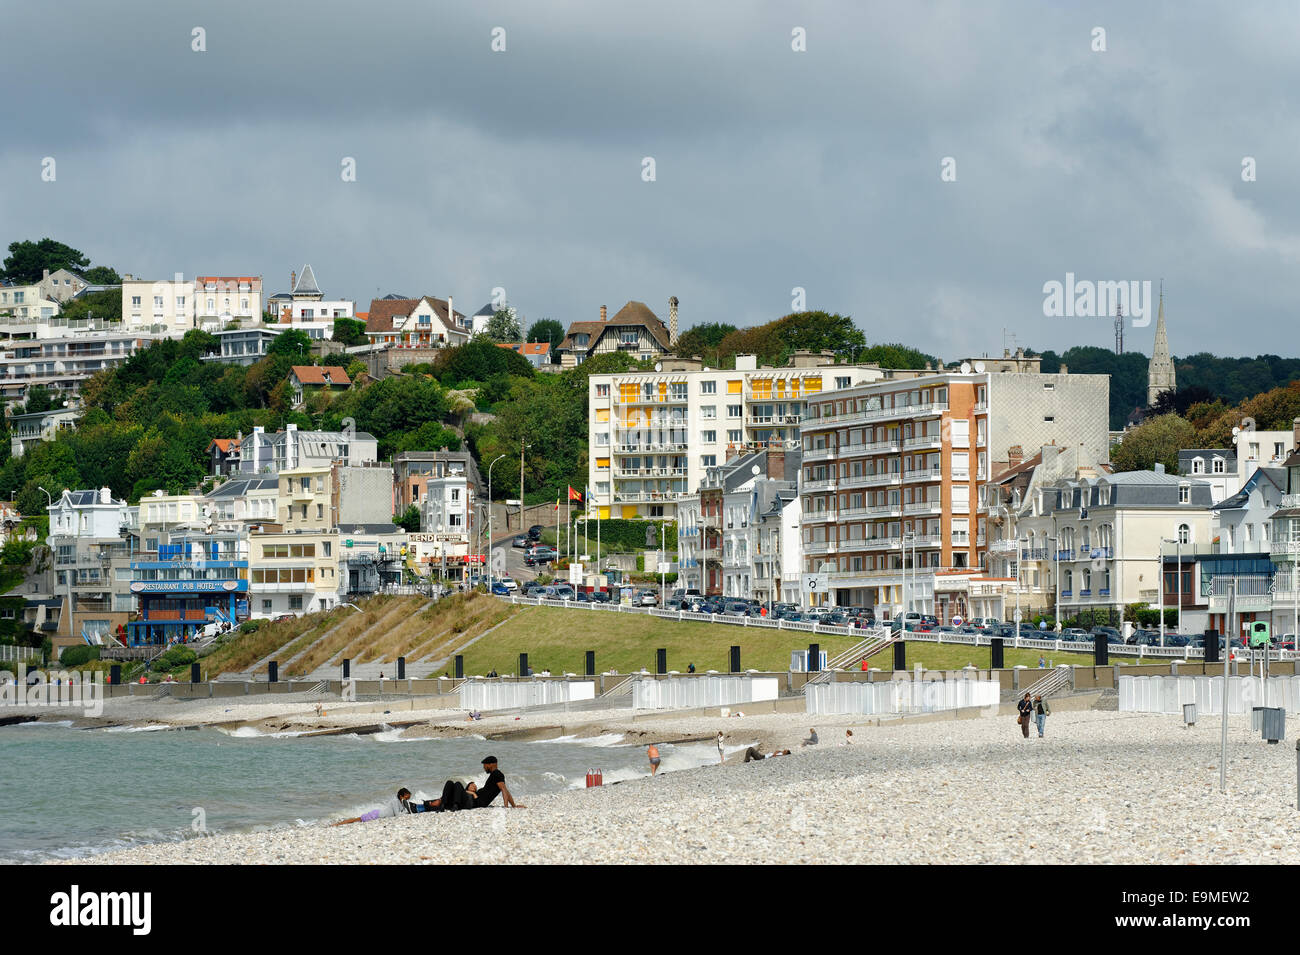 Beach on the Atlantic Ocean, Le Havre, Département Seine-Maritime, Haute-Normandie, France - Stock Image